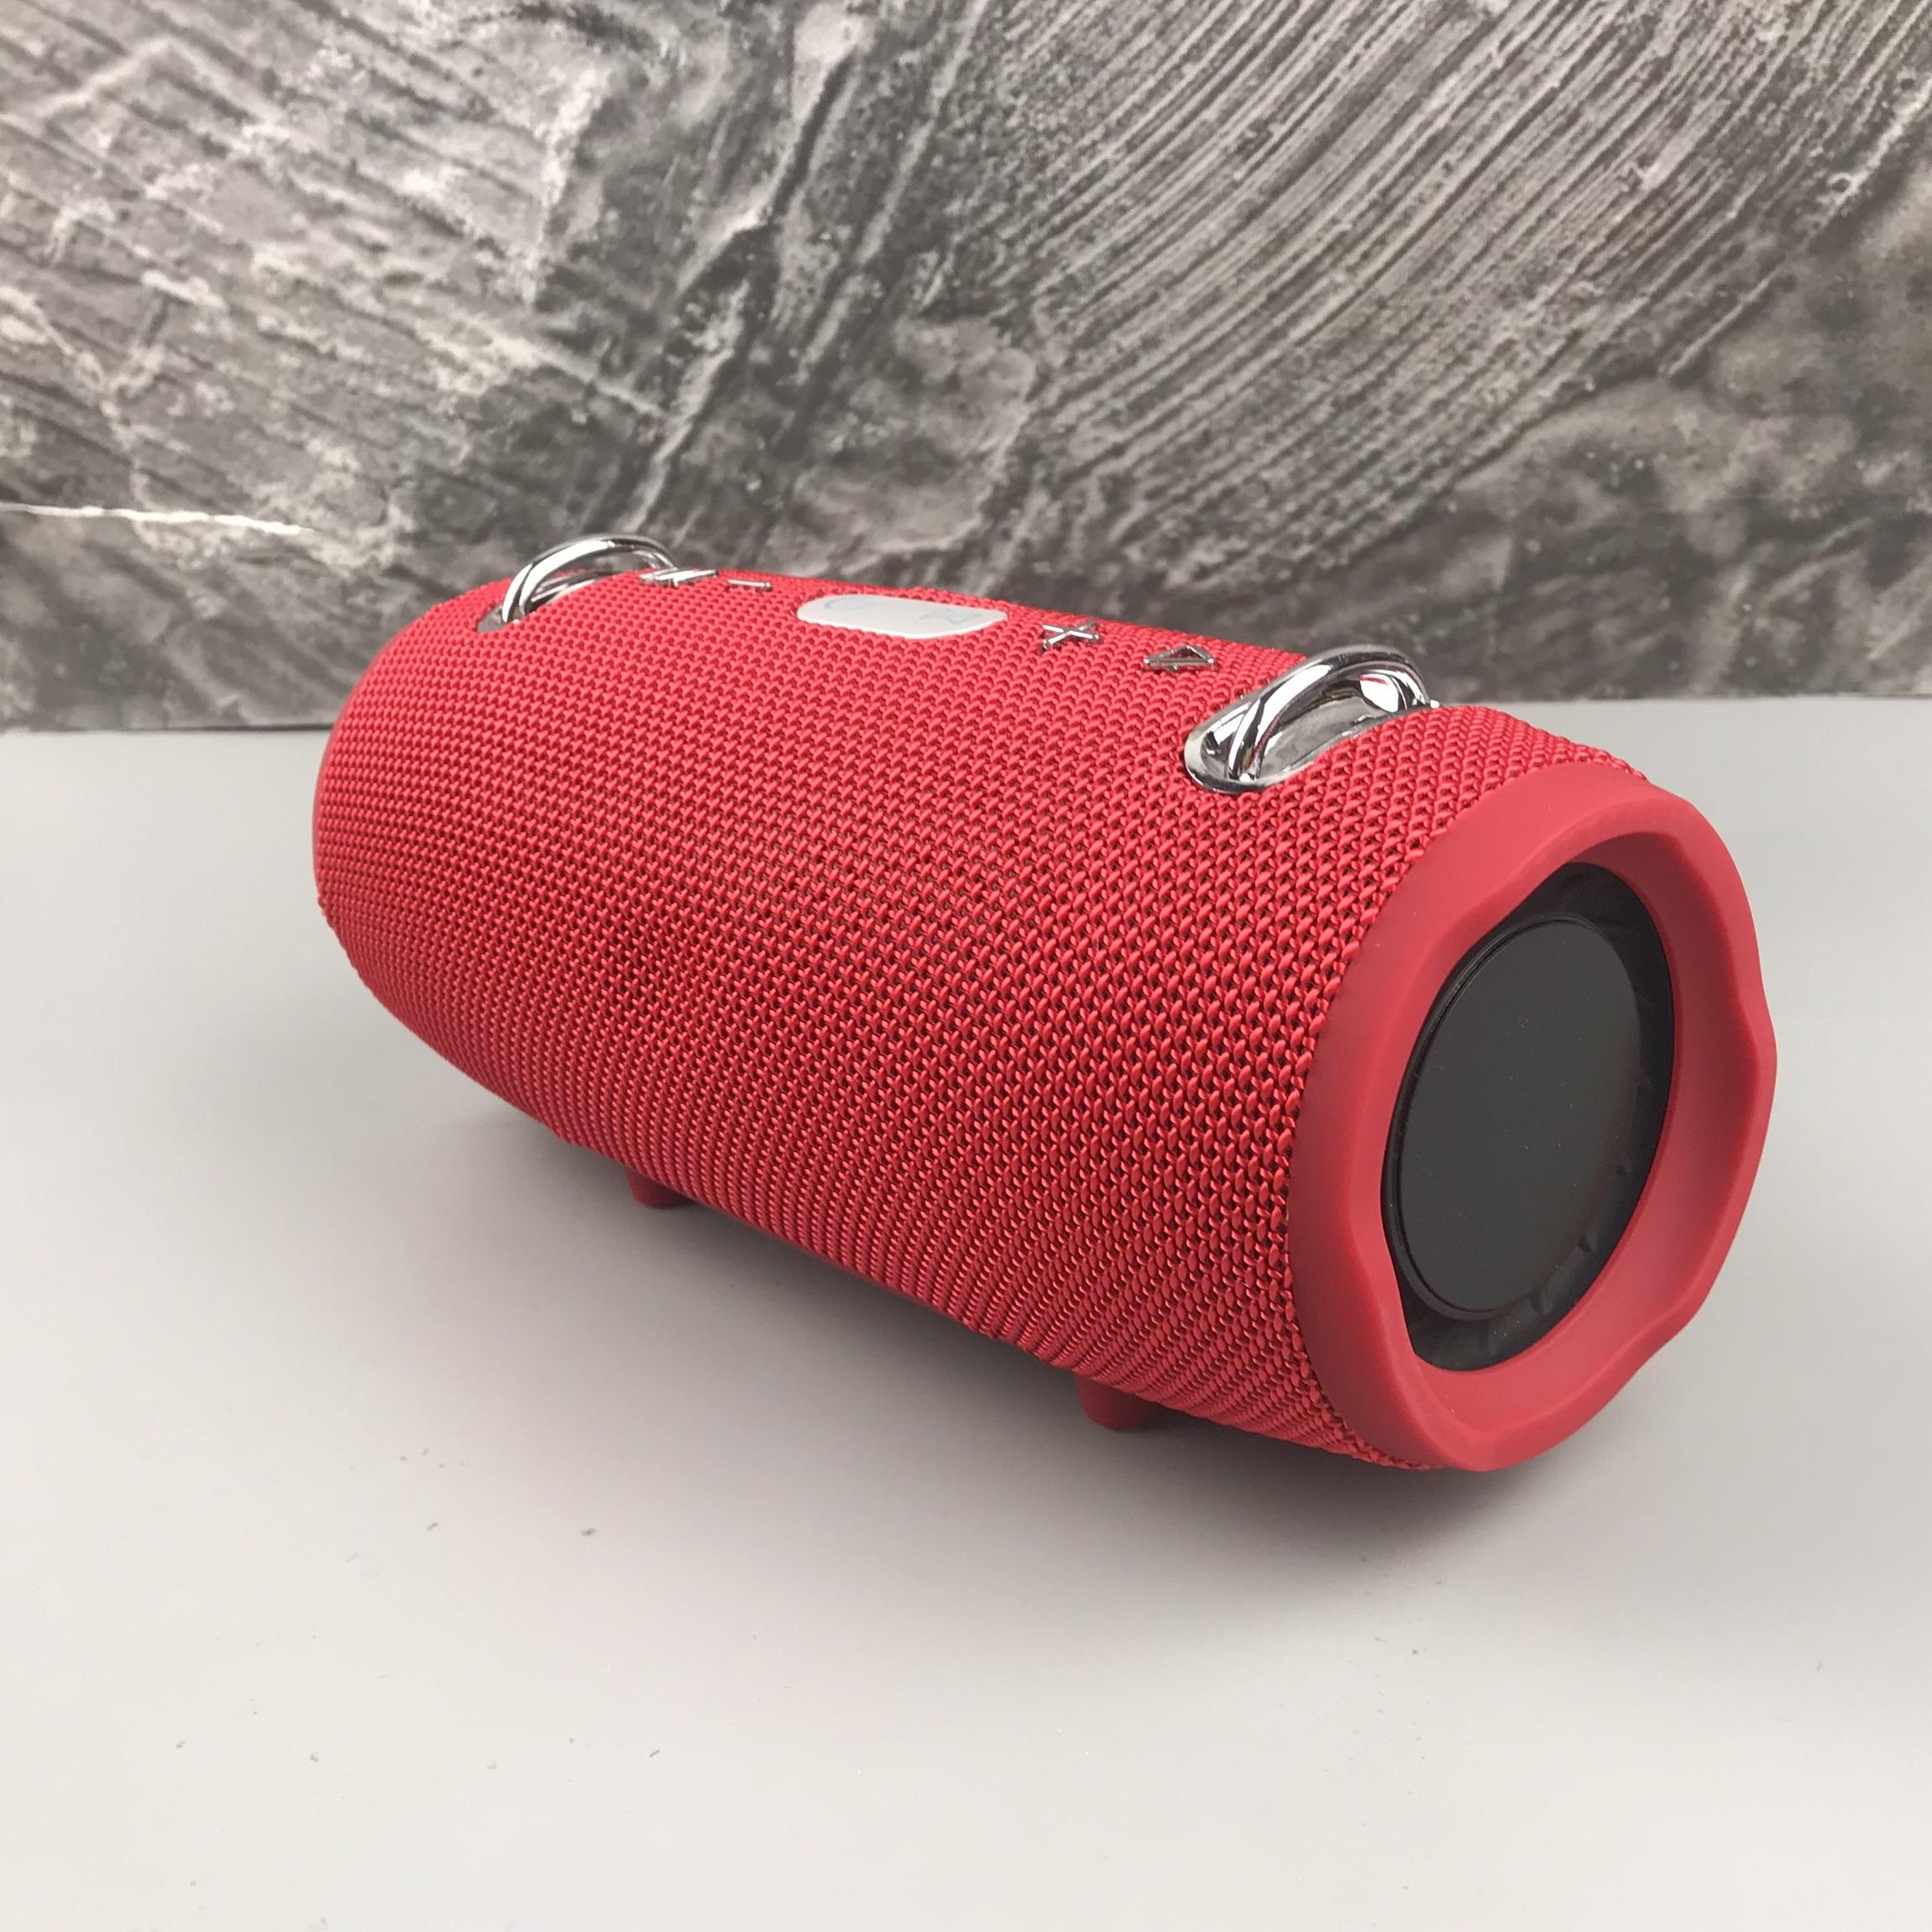 Loa Bluetooth Xtreme 2 Nghe Nhạc Cầm Tay Không Dây, Âm Thanh Lớn, Siêu Bass, Kết Nối Bluetooth 4.0, USB, Thẻ Nhớ, Đài FM, Cổng 3.5 Tương Thích Điện Thoại Máy Tính Vỏ Chống Thấm Nước Tốt, Nhiều Màu Sắc